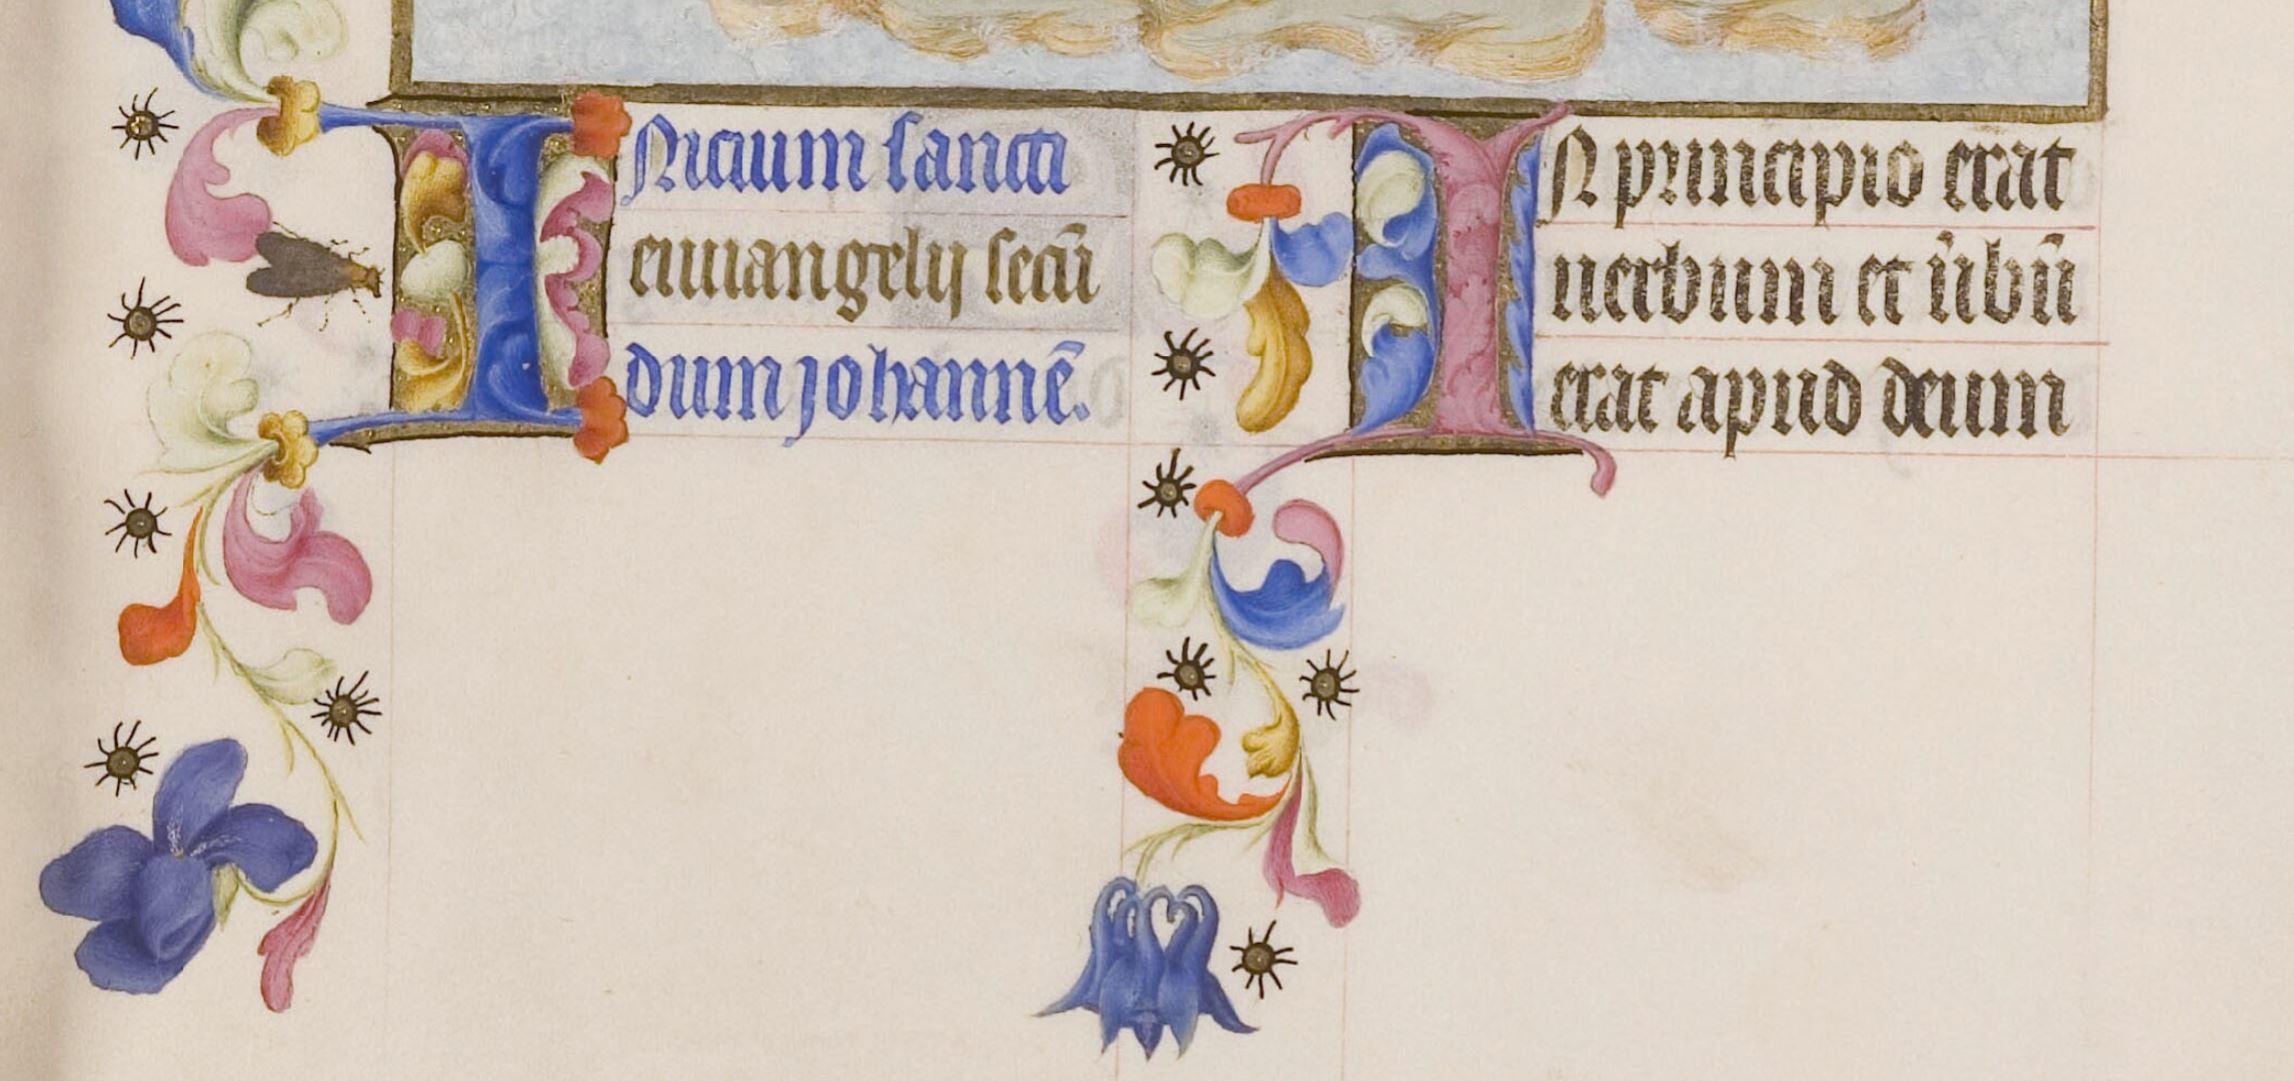 Les_Tres_Riches_Heures_du_duc_de_Berry Musee Conde Chantilly MS 65 fol 16v St Jean l'Evangeliste 1411-16